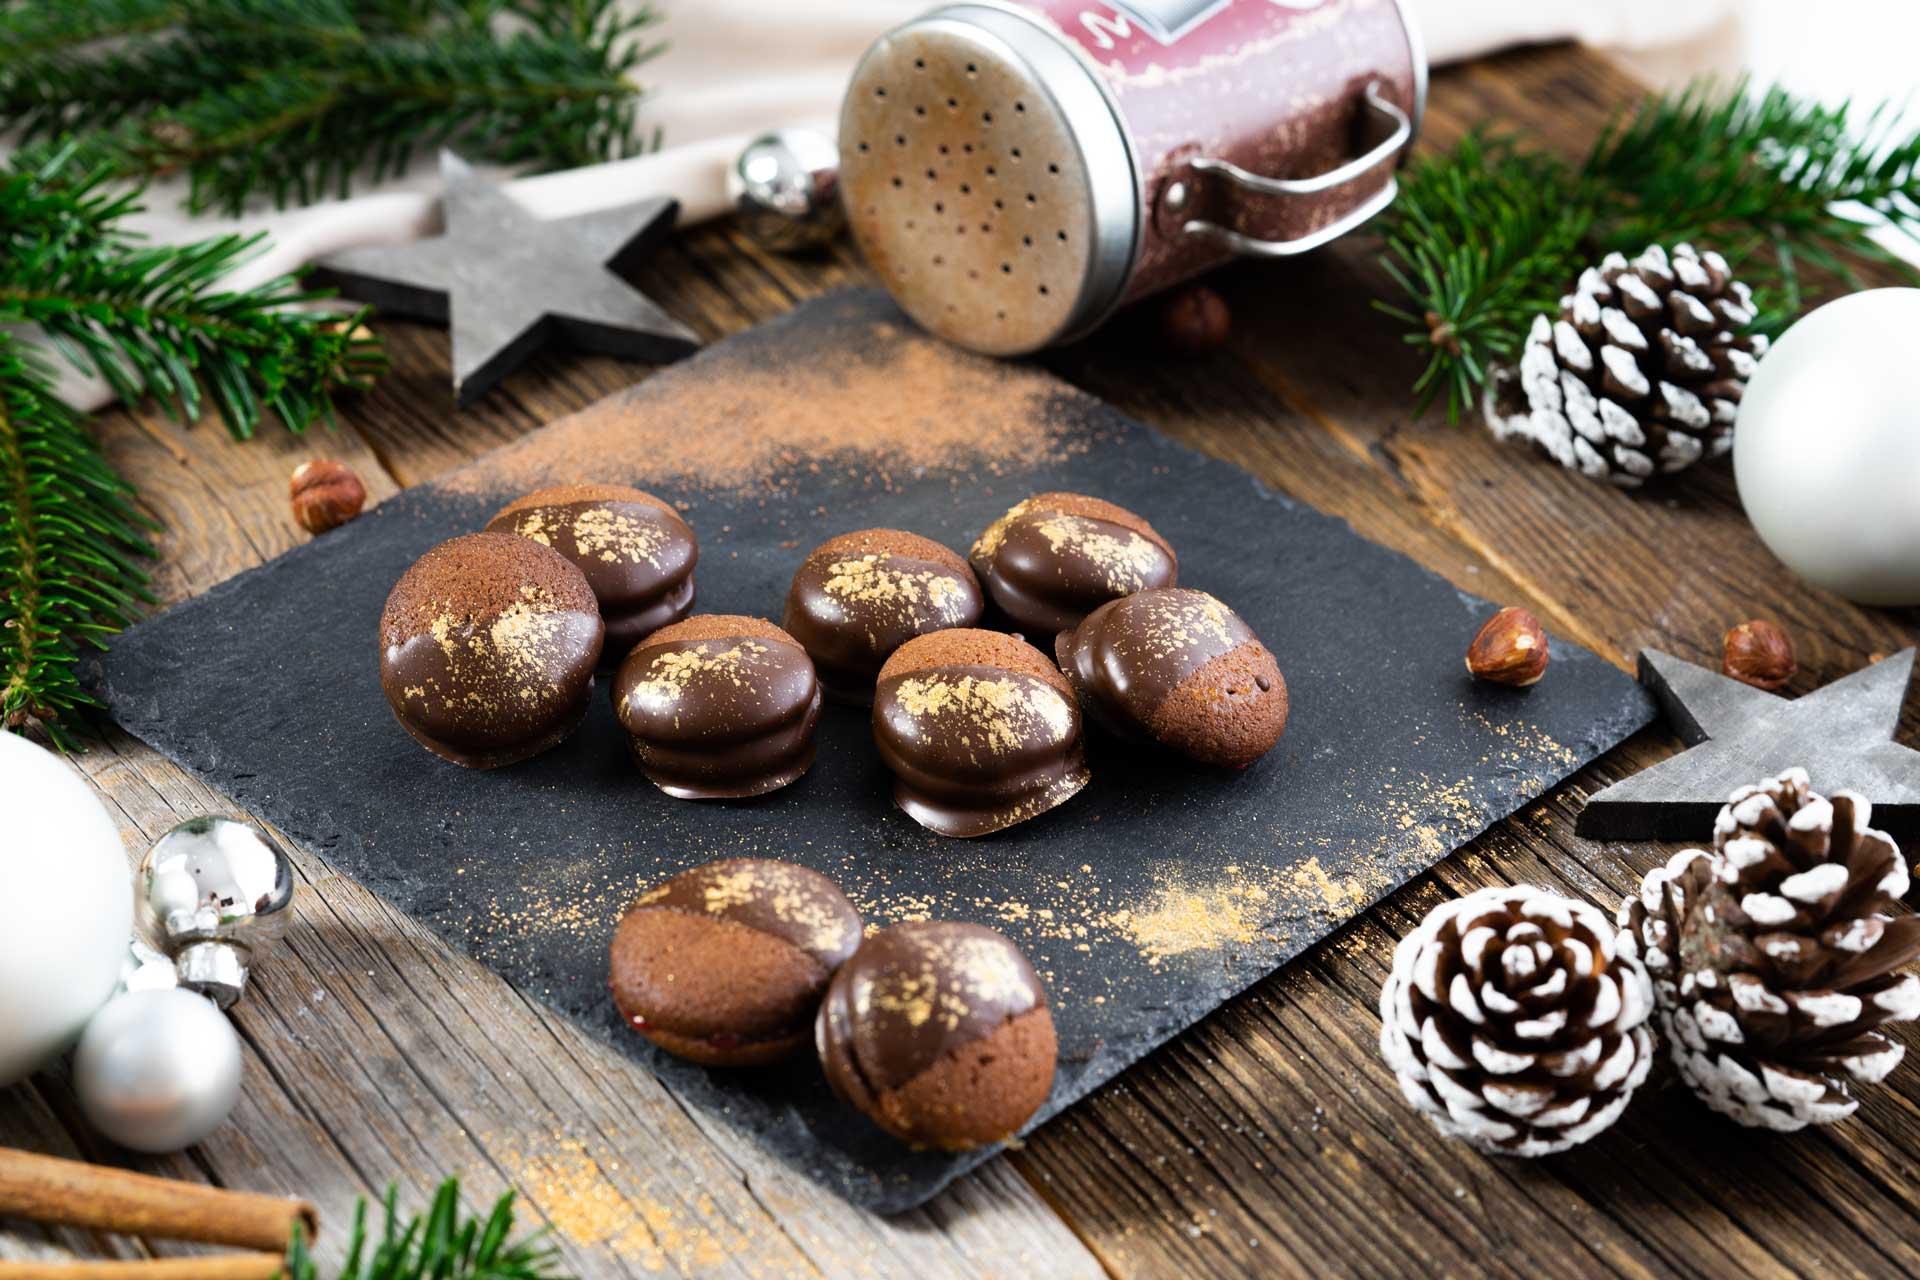 Schokolade Kekse in Schokolade getaucht, weihnachtlicher Hintergrund